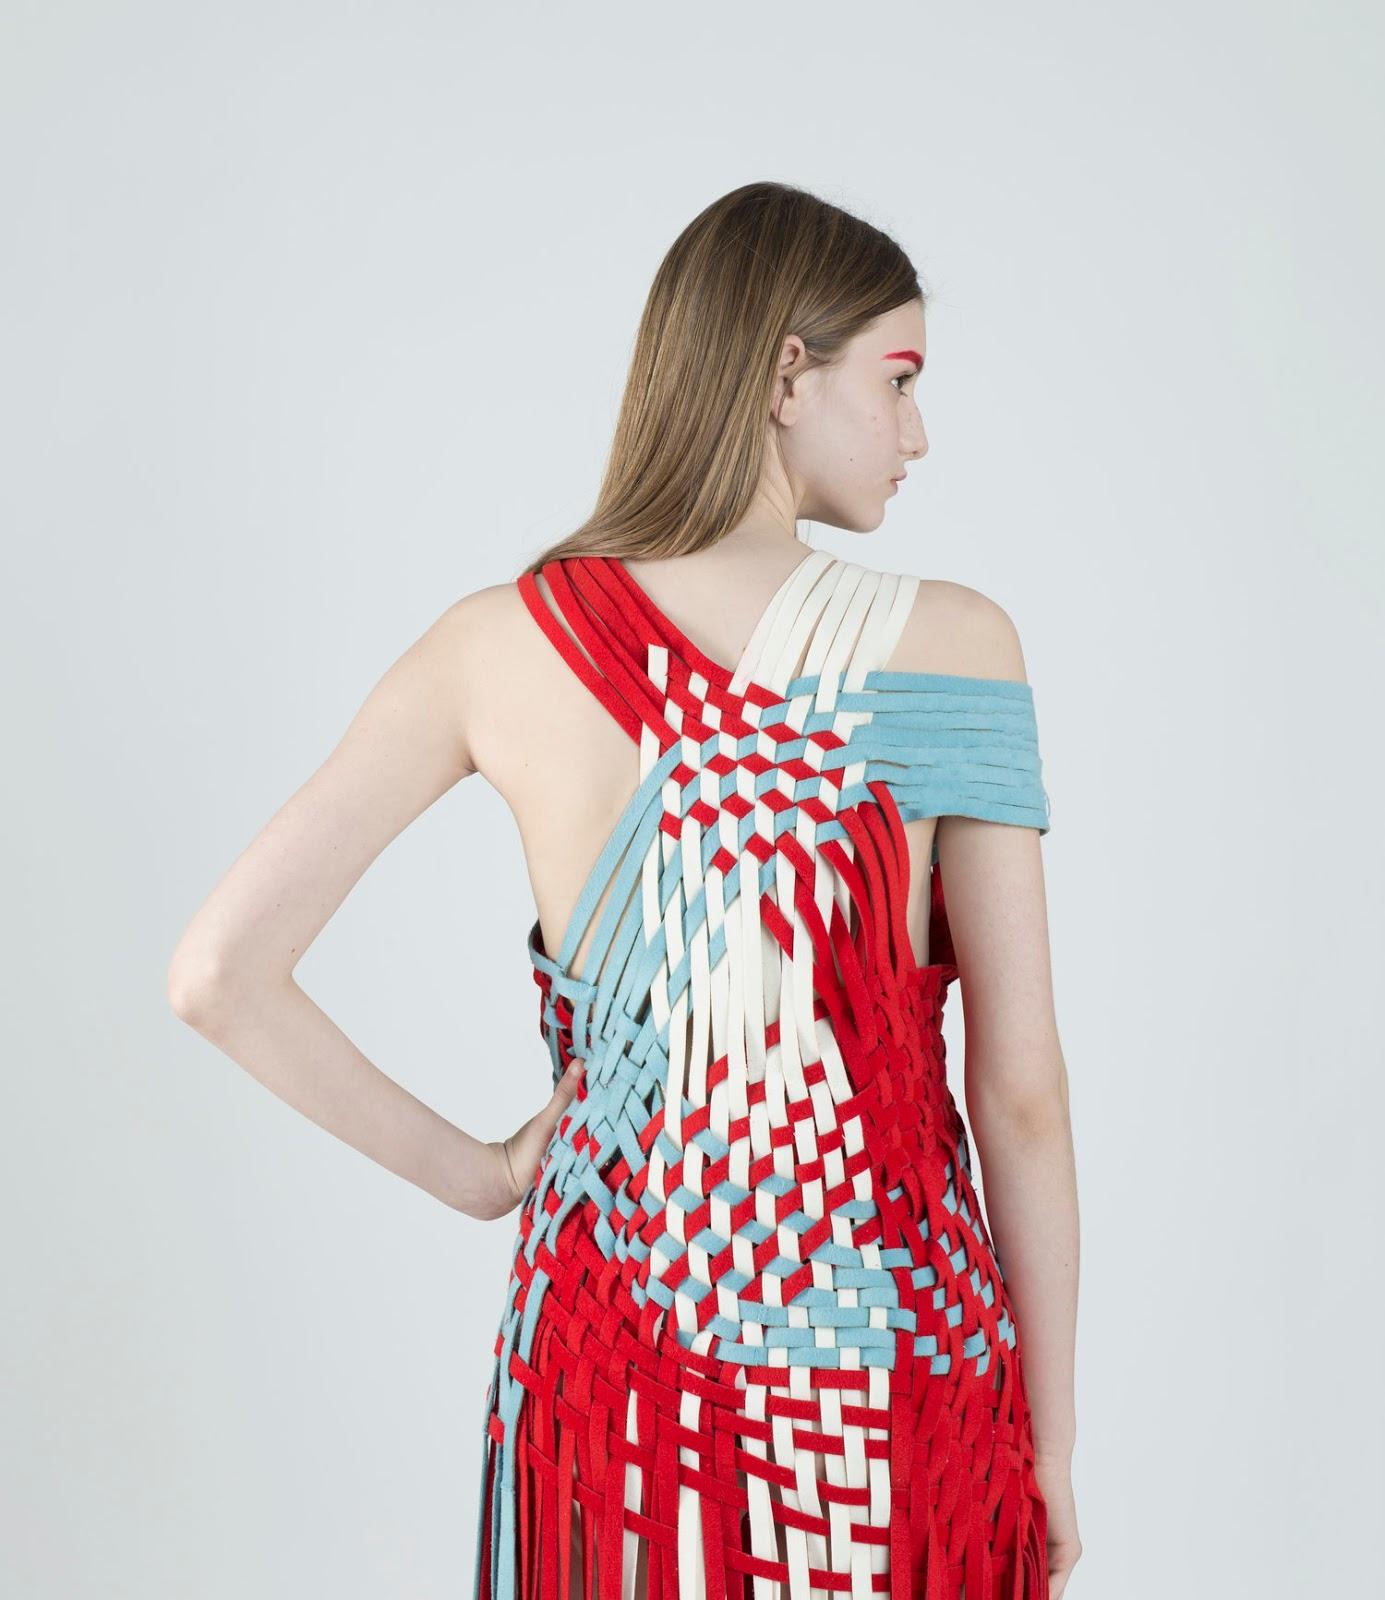 Vestido tejido cero residuos del diseñador Qi Wang